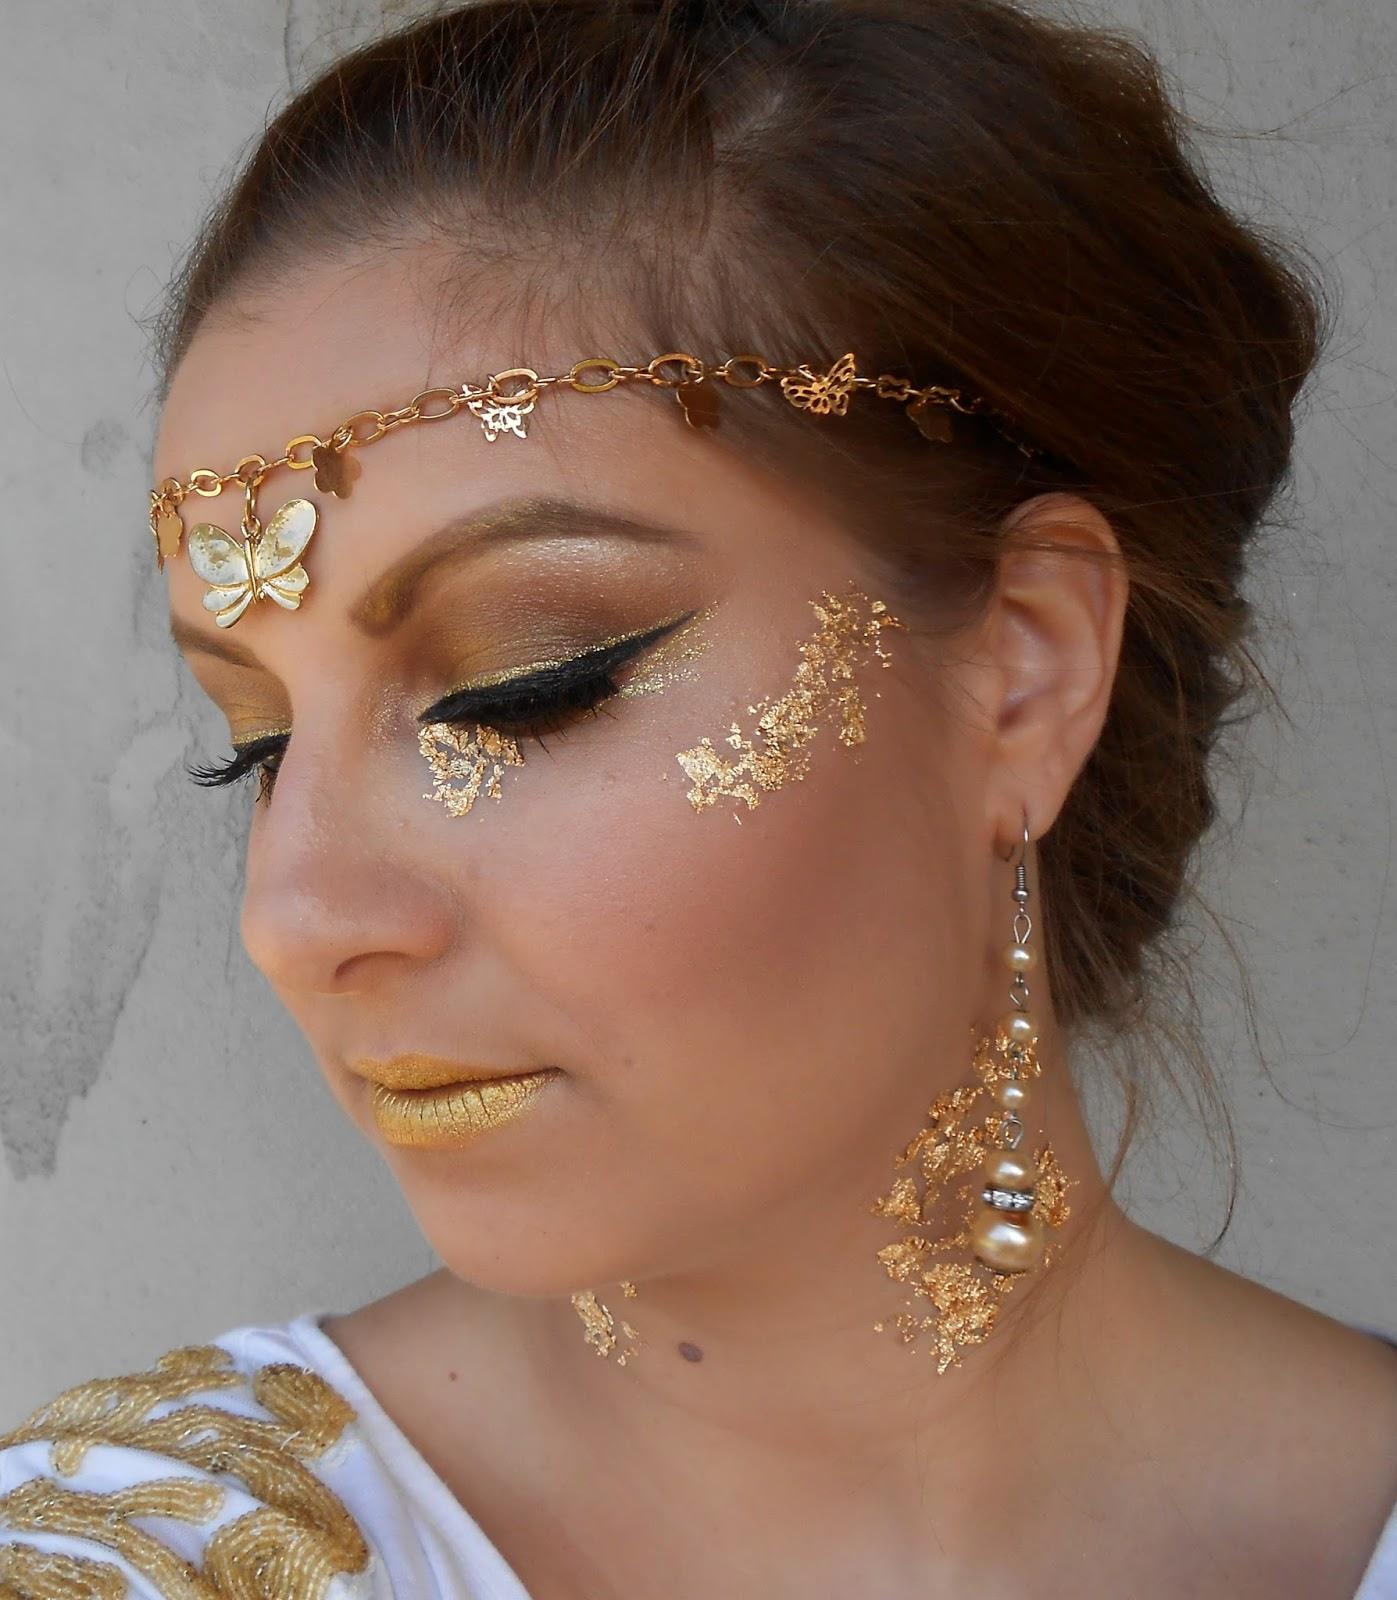 fotd golden goddess halloween makeup beauty of the suns